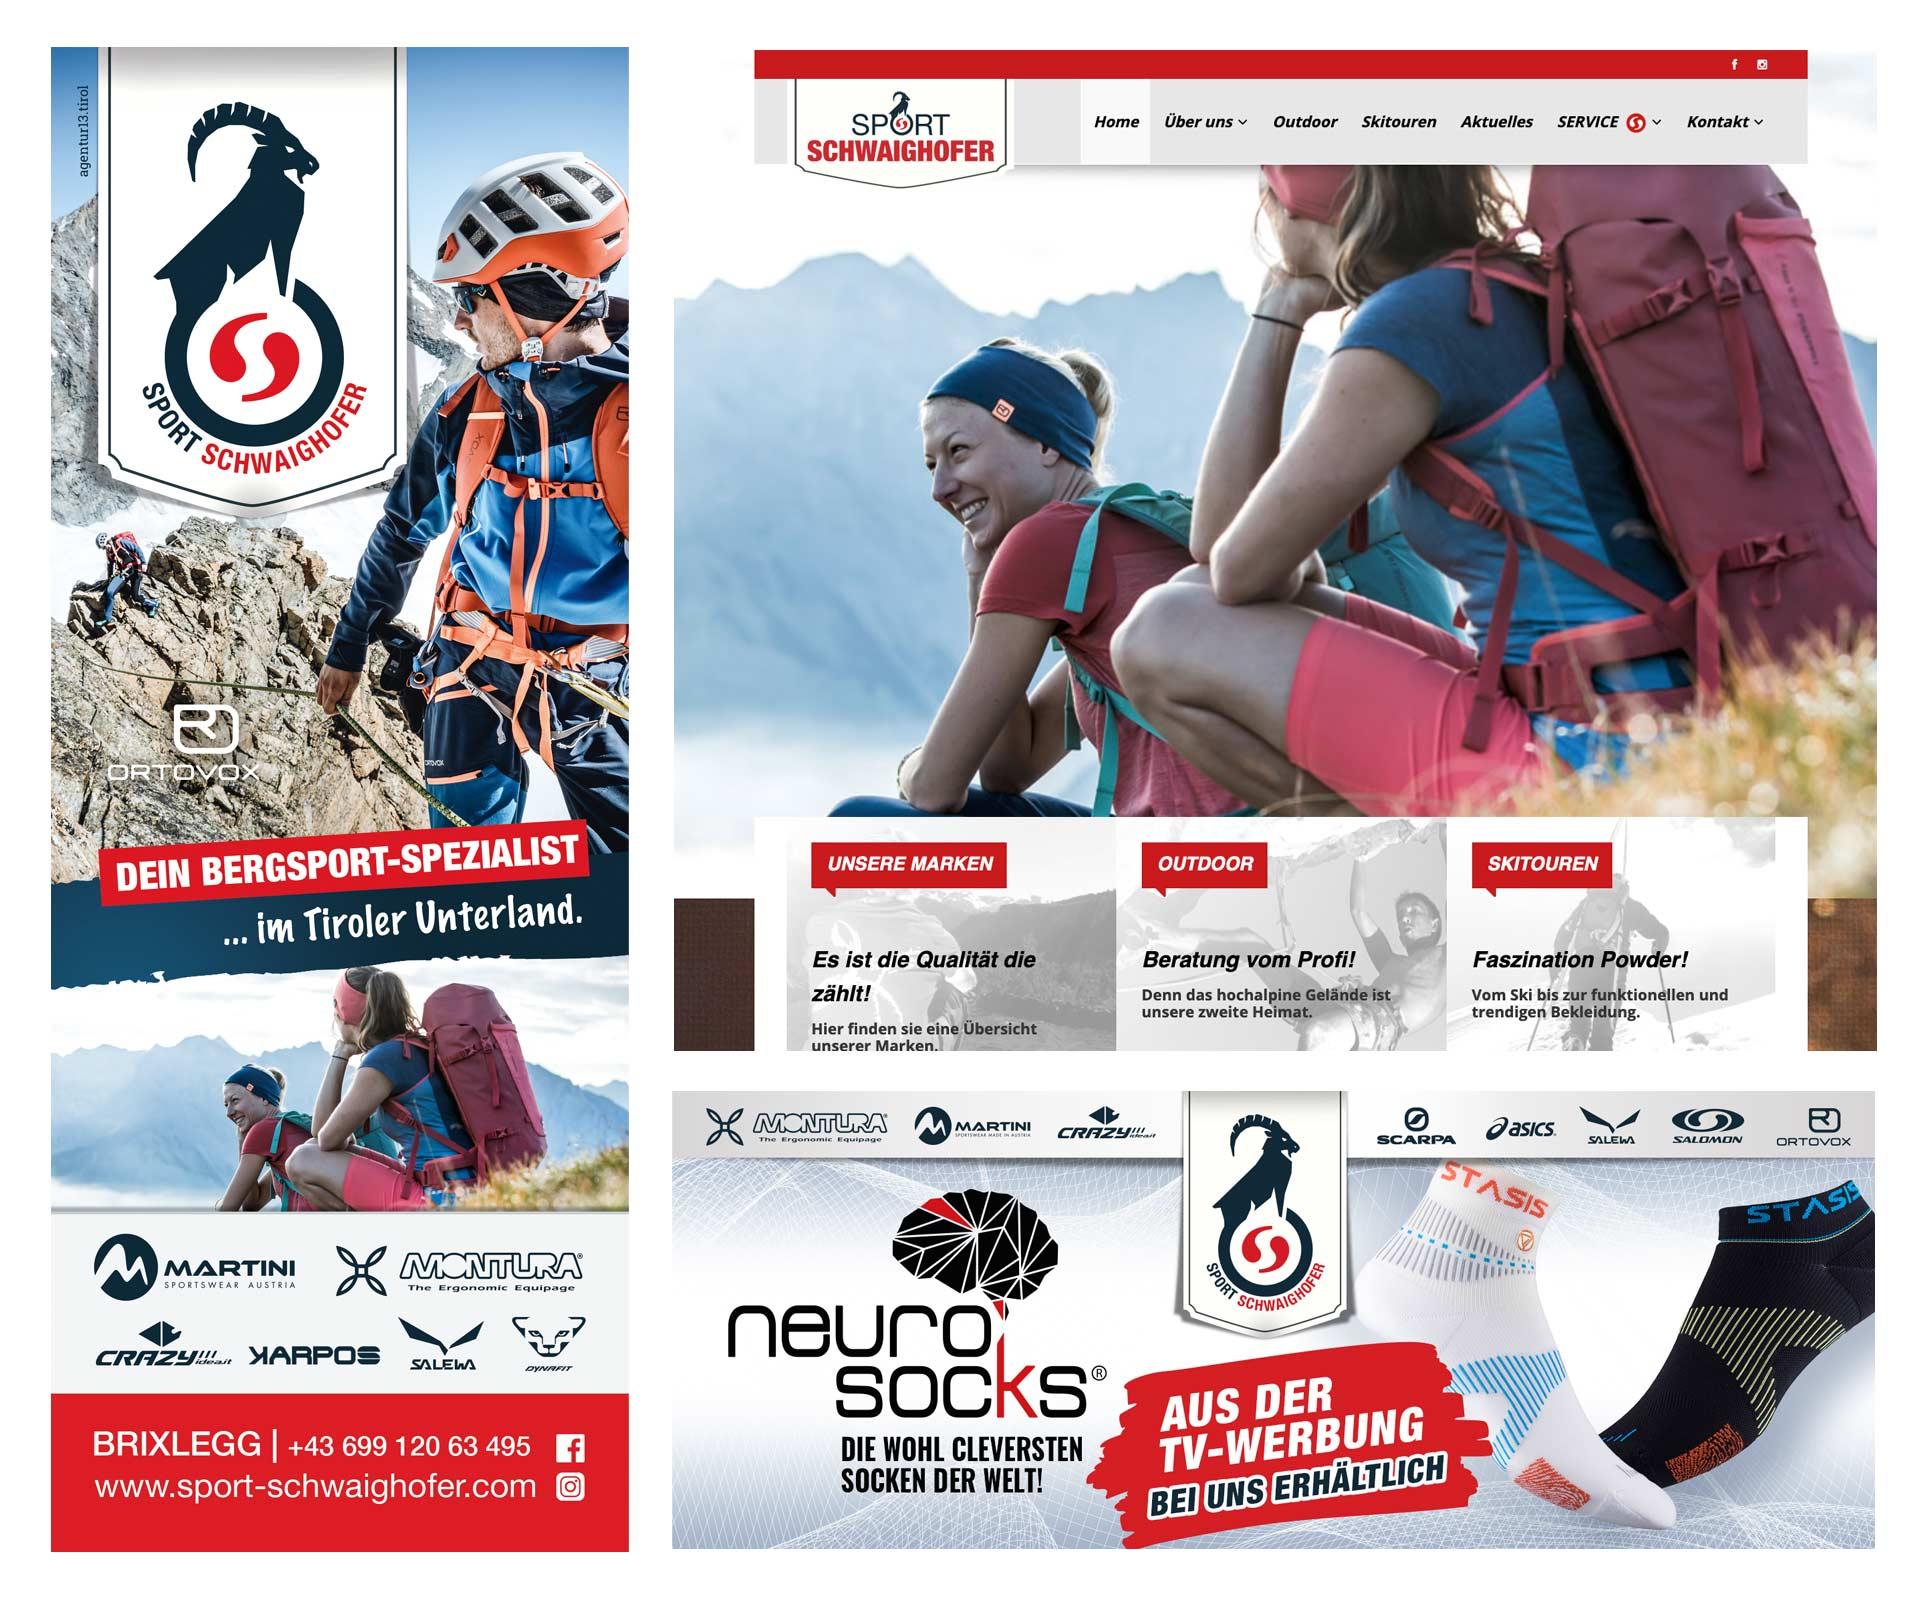 Werbeagentur - agentur 13 Tirol, Sport Schwaighofer, Grafikdesign, Webdesign